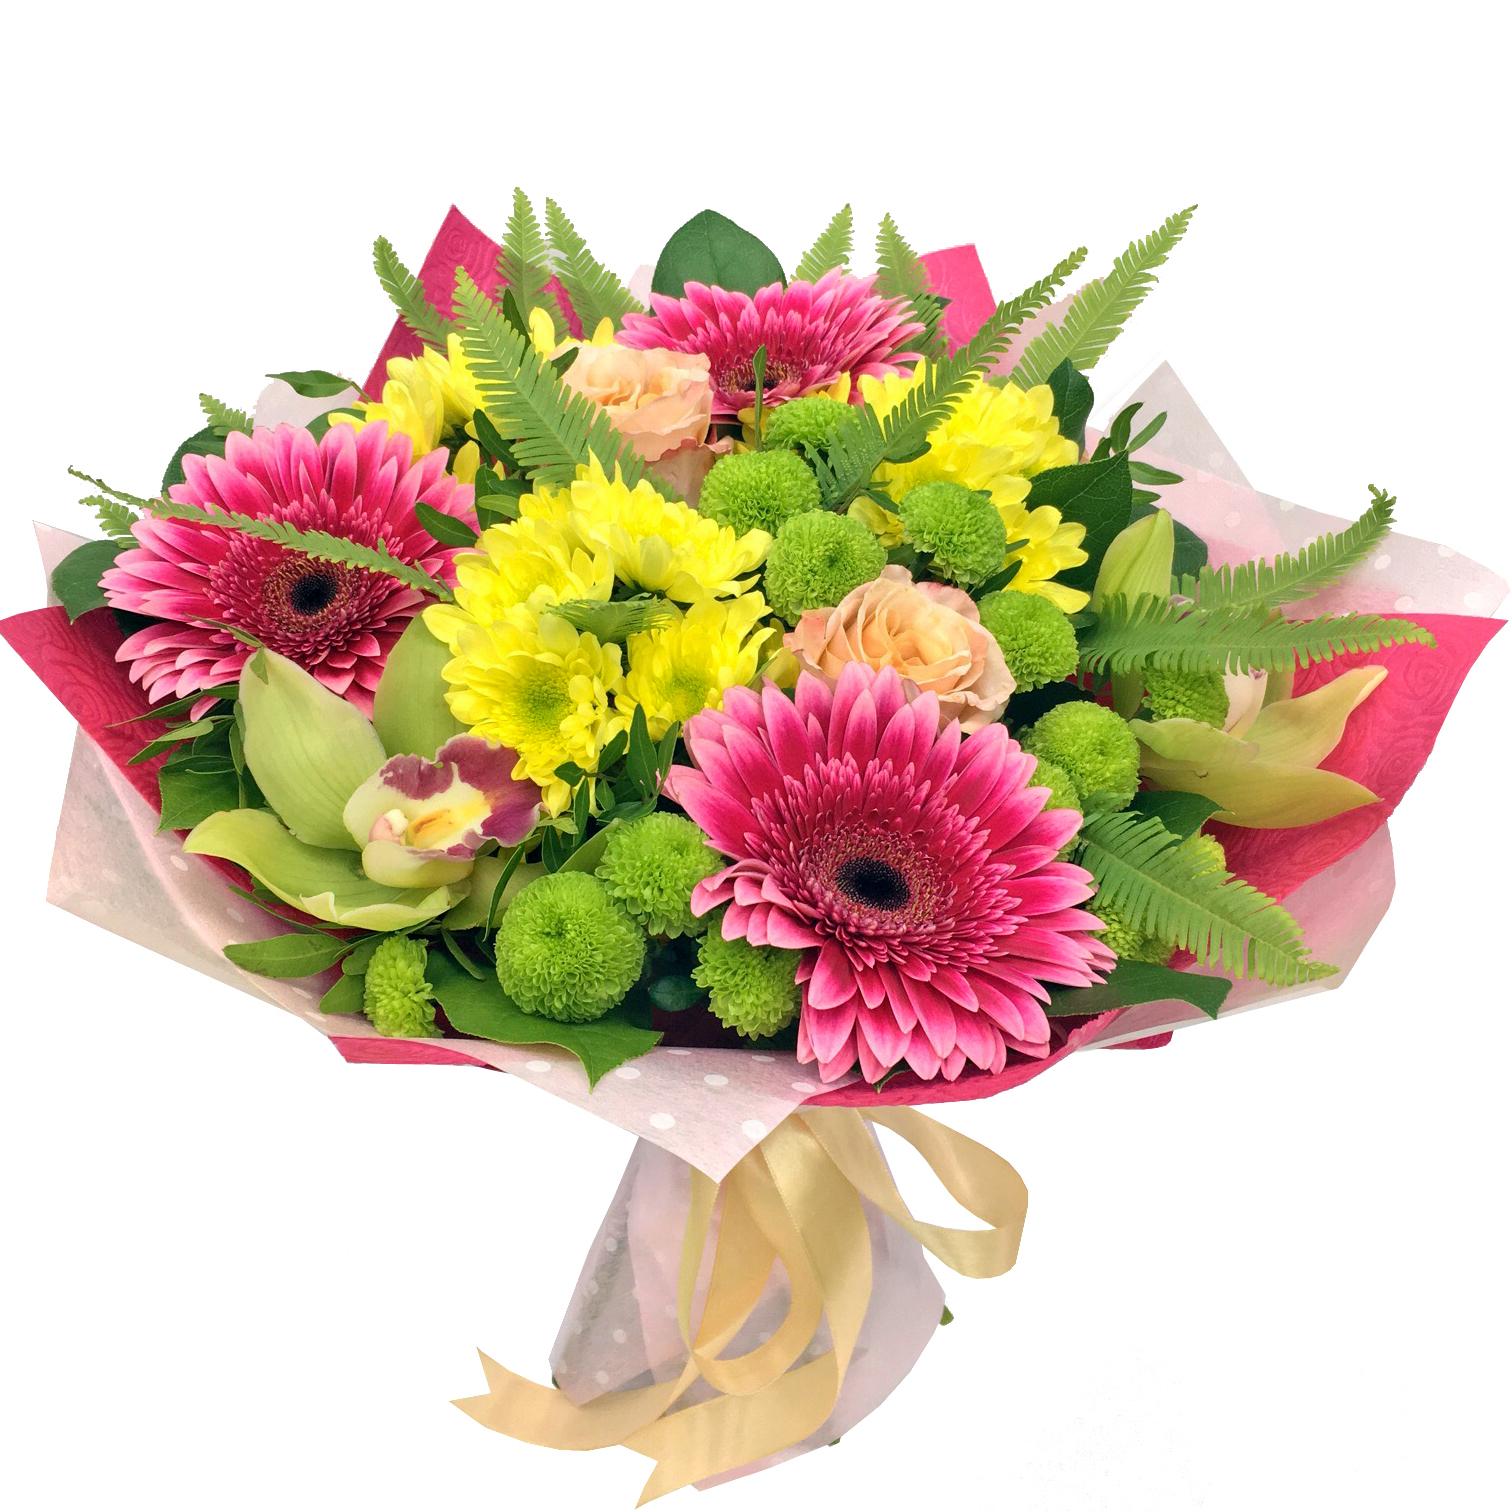 Заказать букет цветов в кирове, цветы